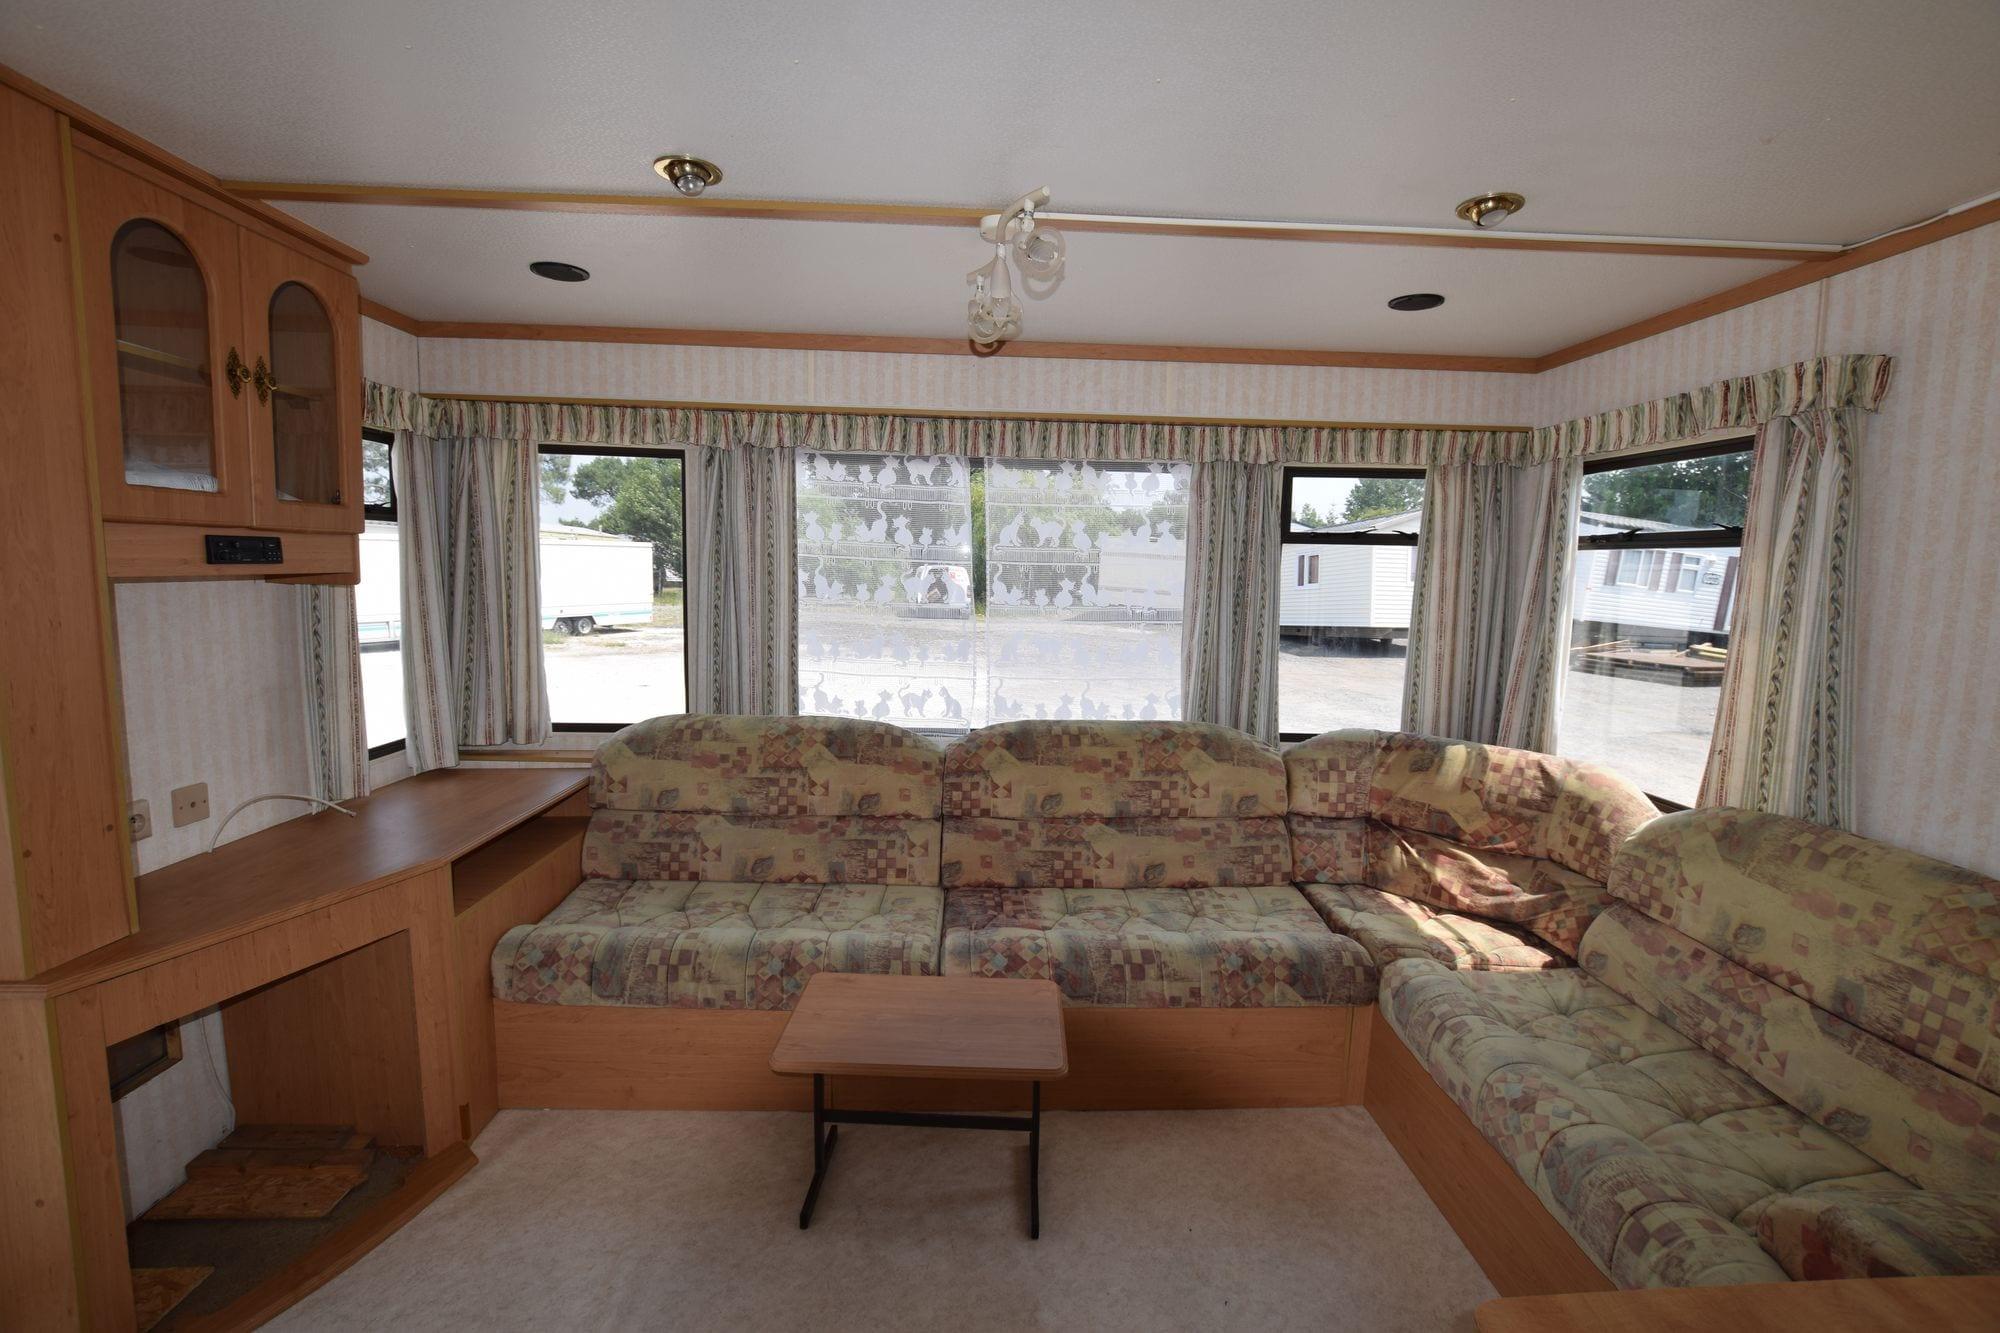 Cosalt excellence mobil home d 39 occasion 5 000 zen for Salon du mobil home